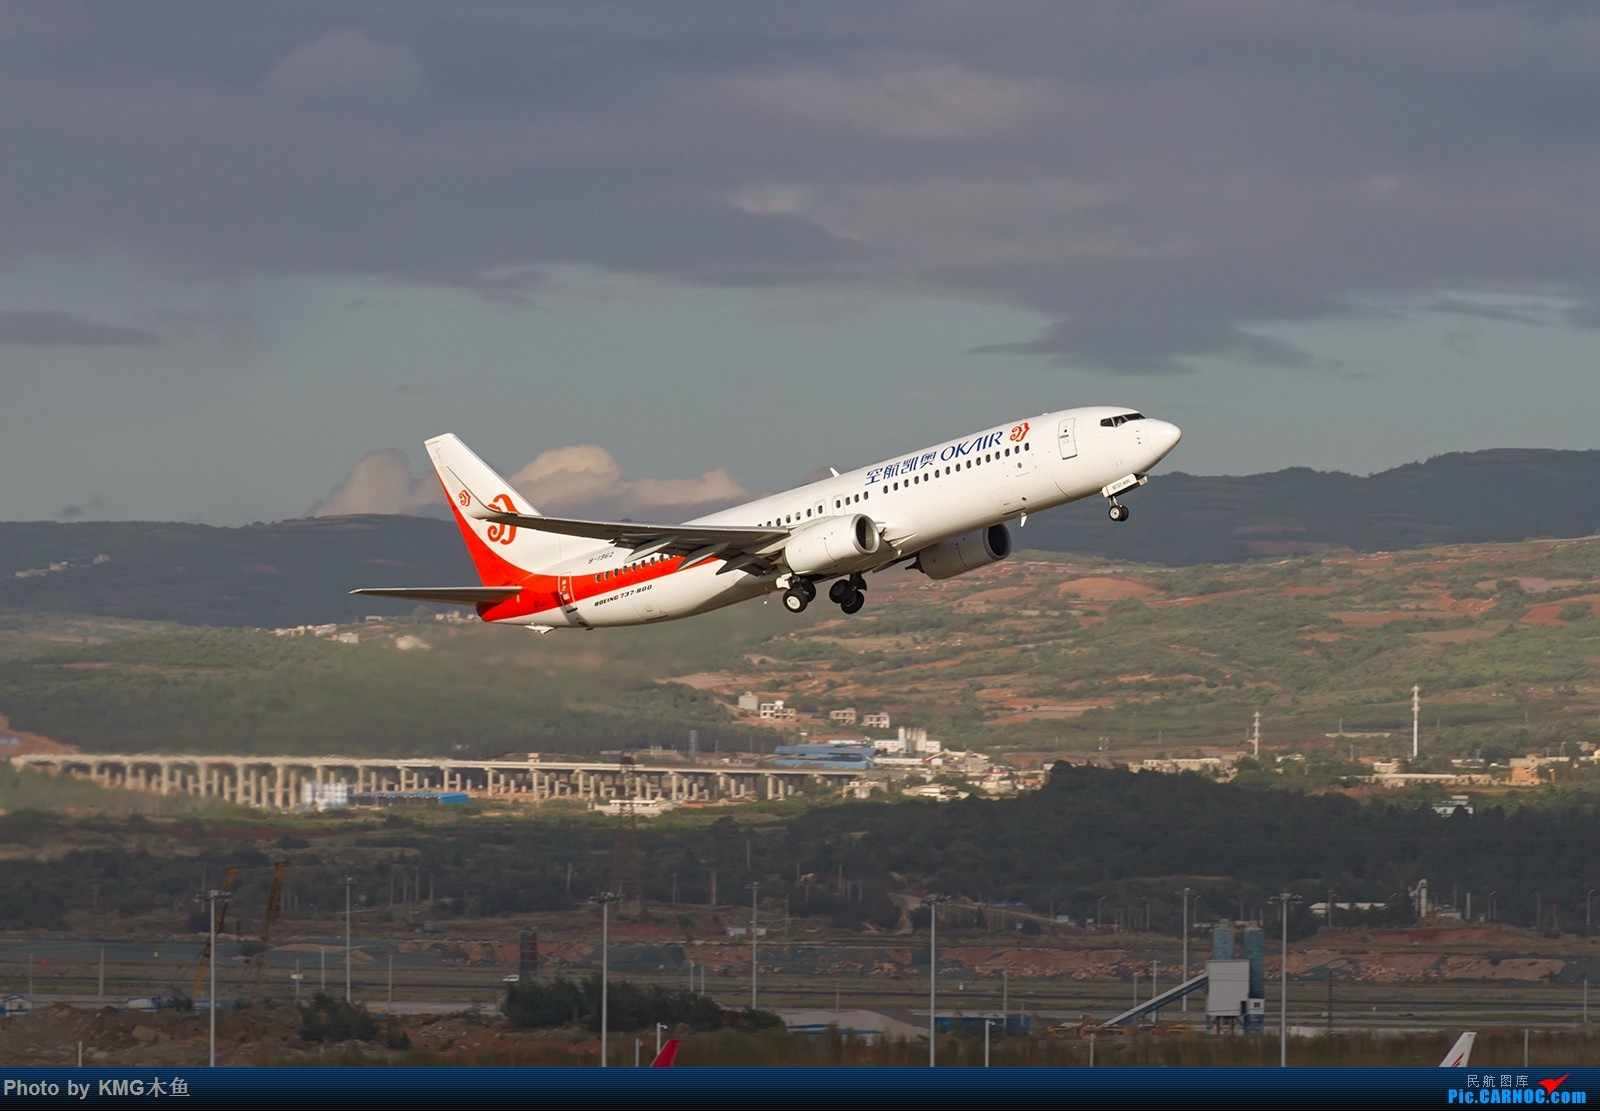 Re:[原创]【昆明长水国际机场】到处都在建设,空港经济发展飞速呀 BOEING 737-800 B-1962 中国昆明长水国际机场